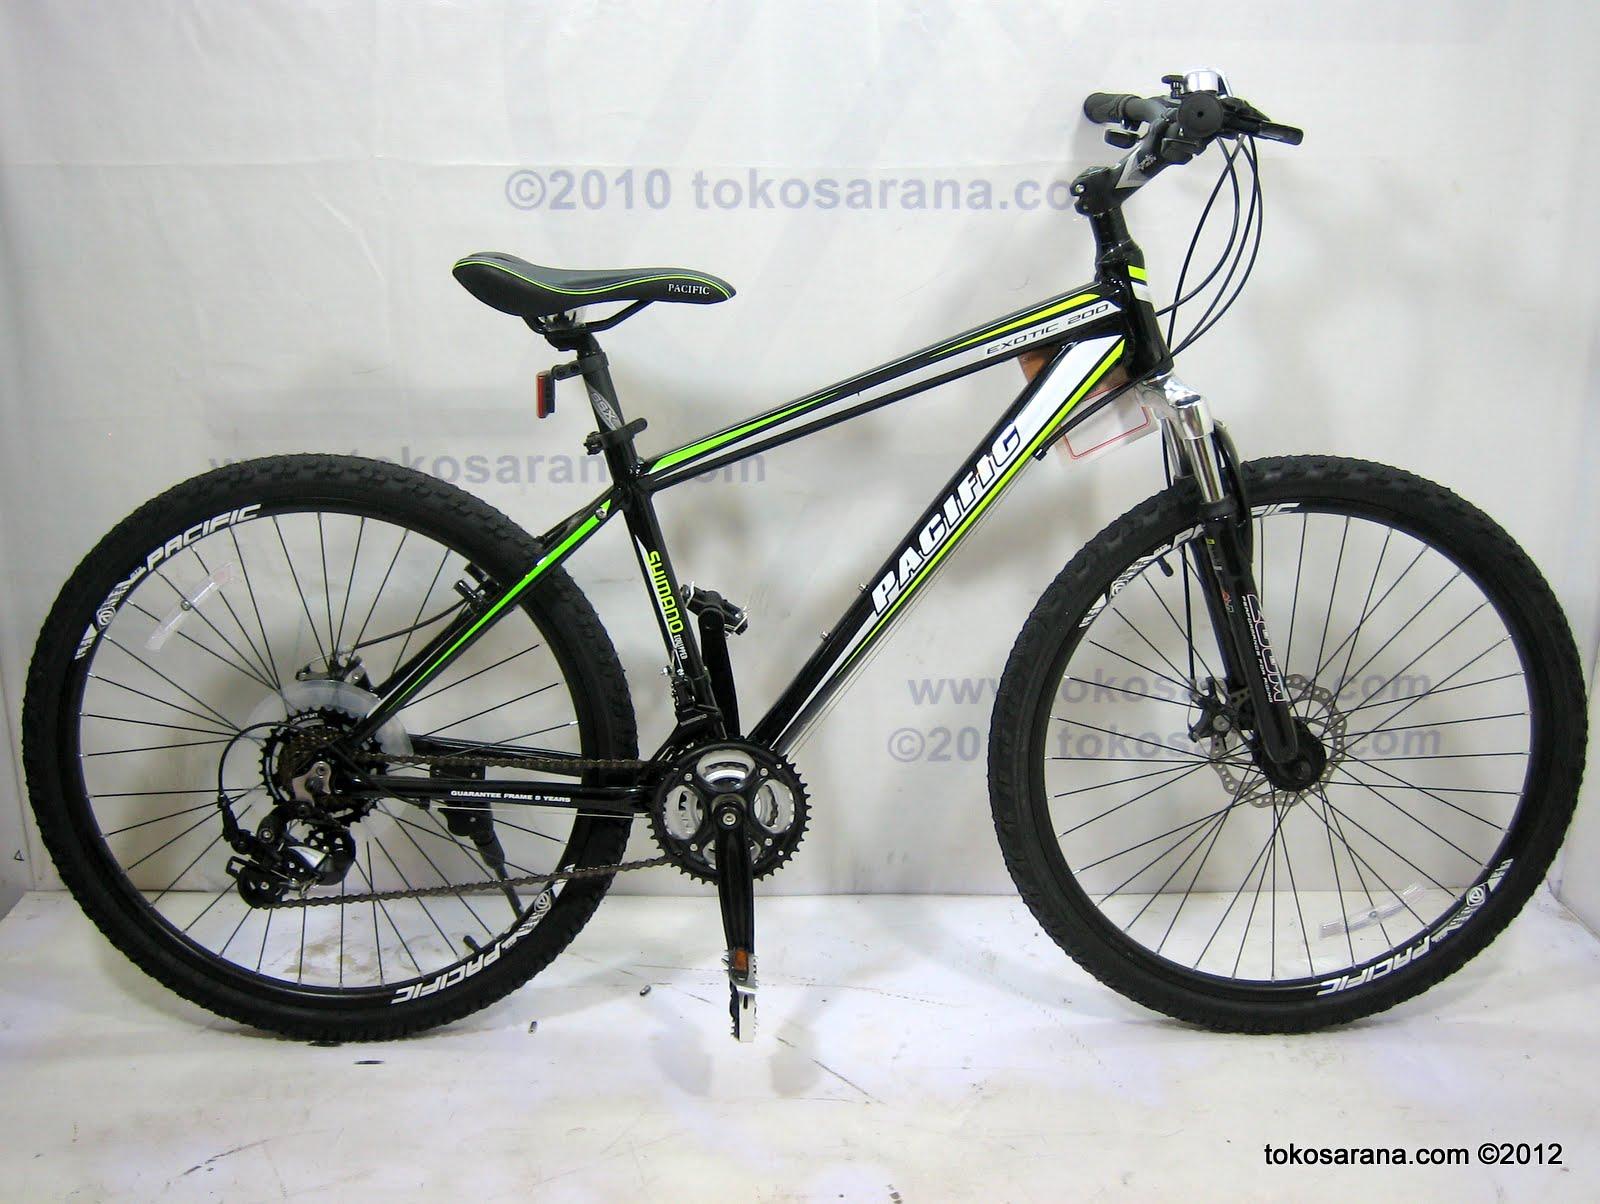 tokosarana™ | Mahasarana Sukses™: Sepeda Gunung Pacific ...